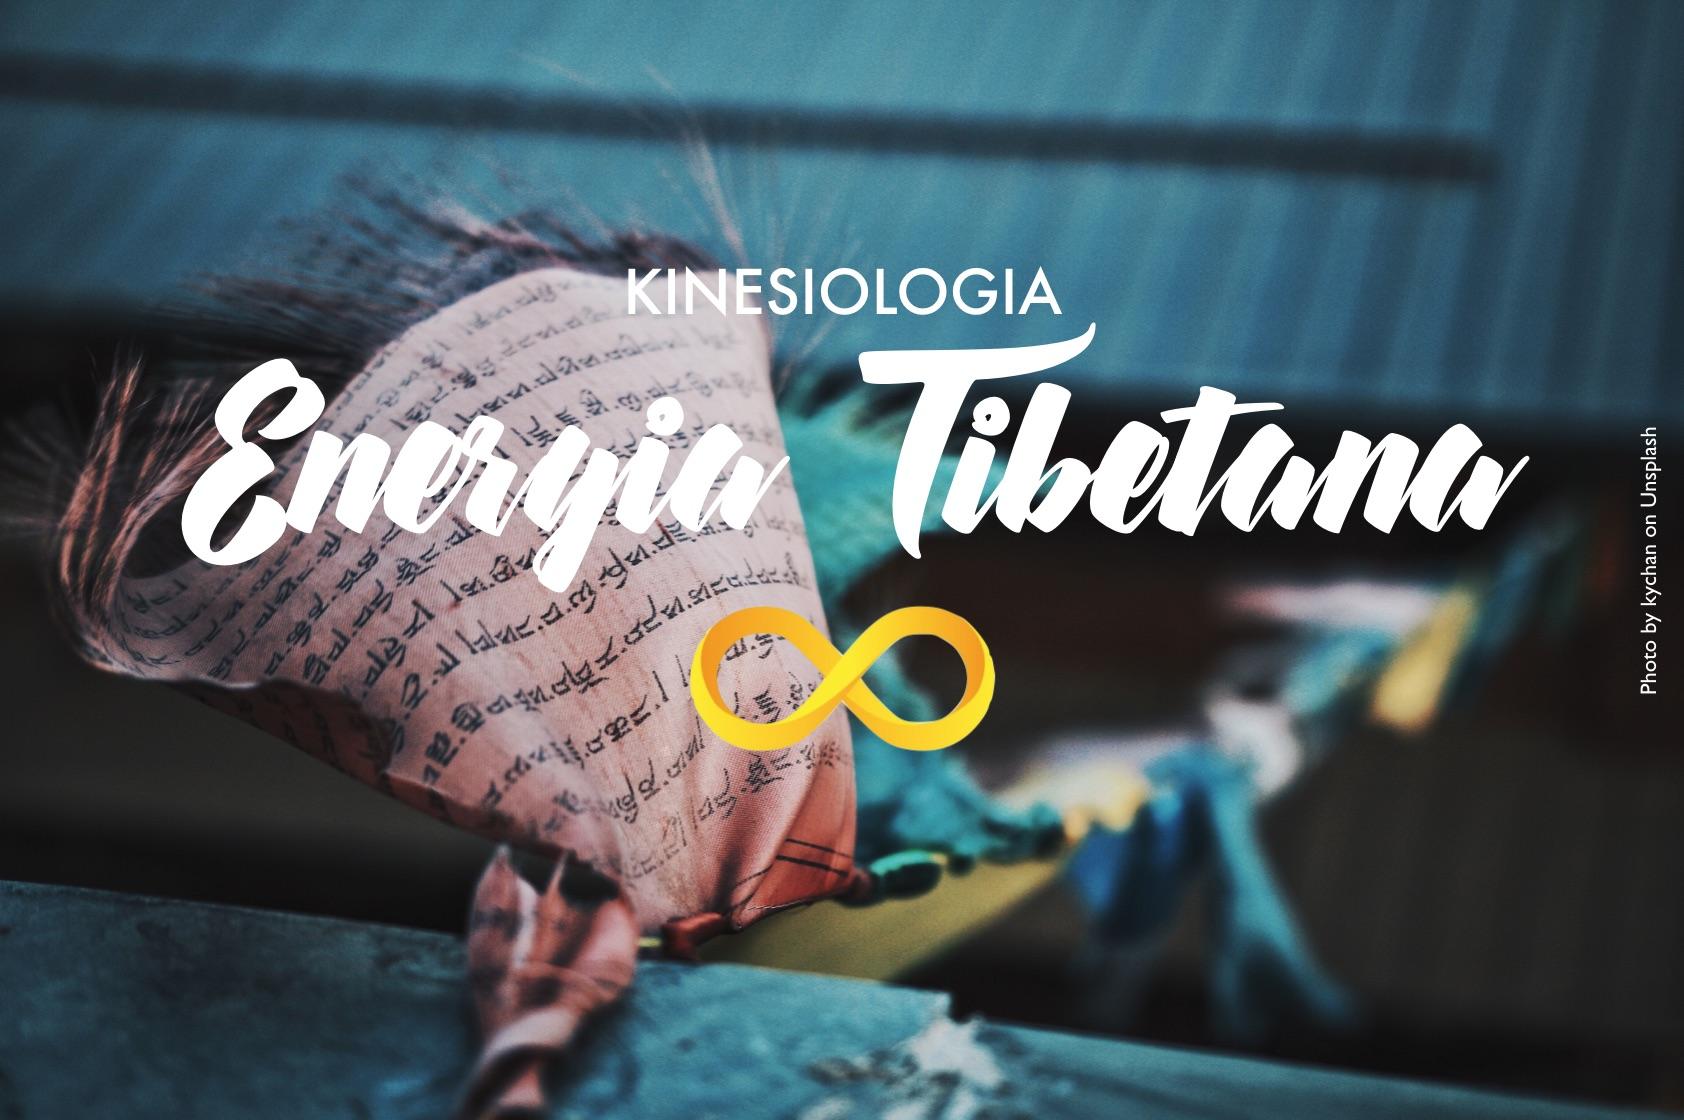 kinesiologia-energia-tibetana-durga